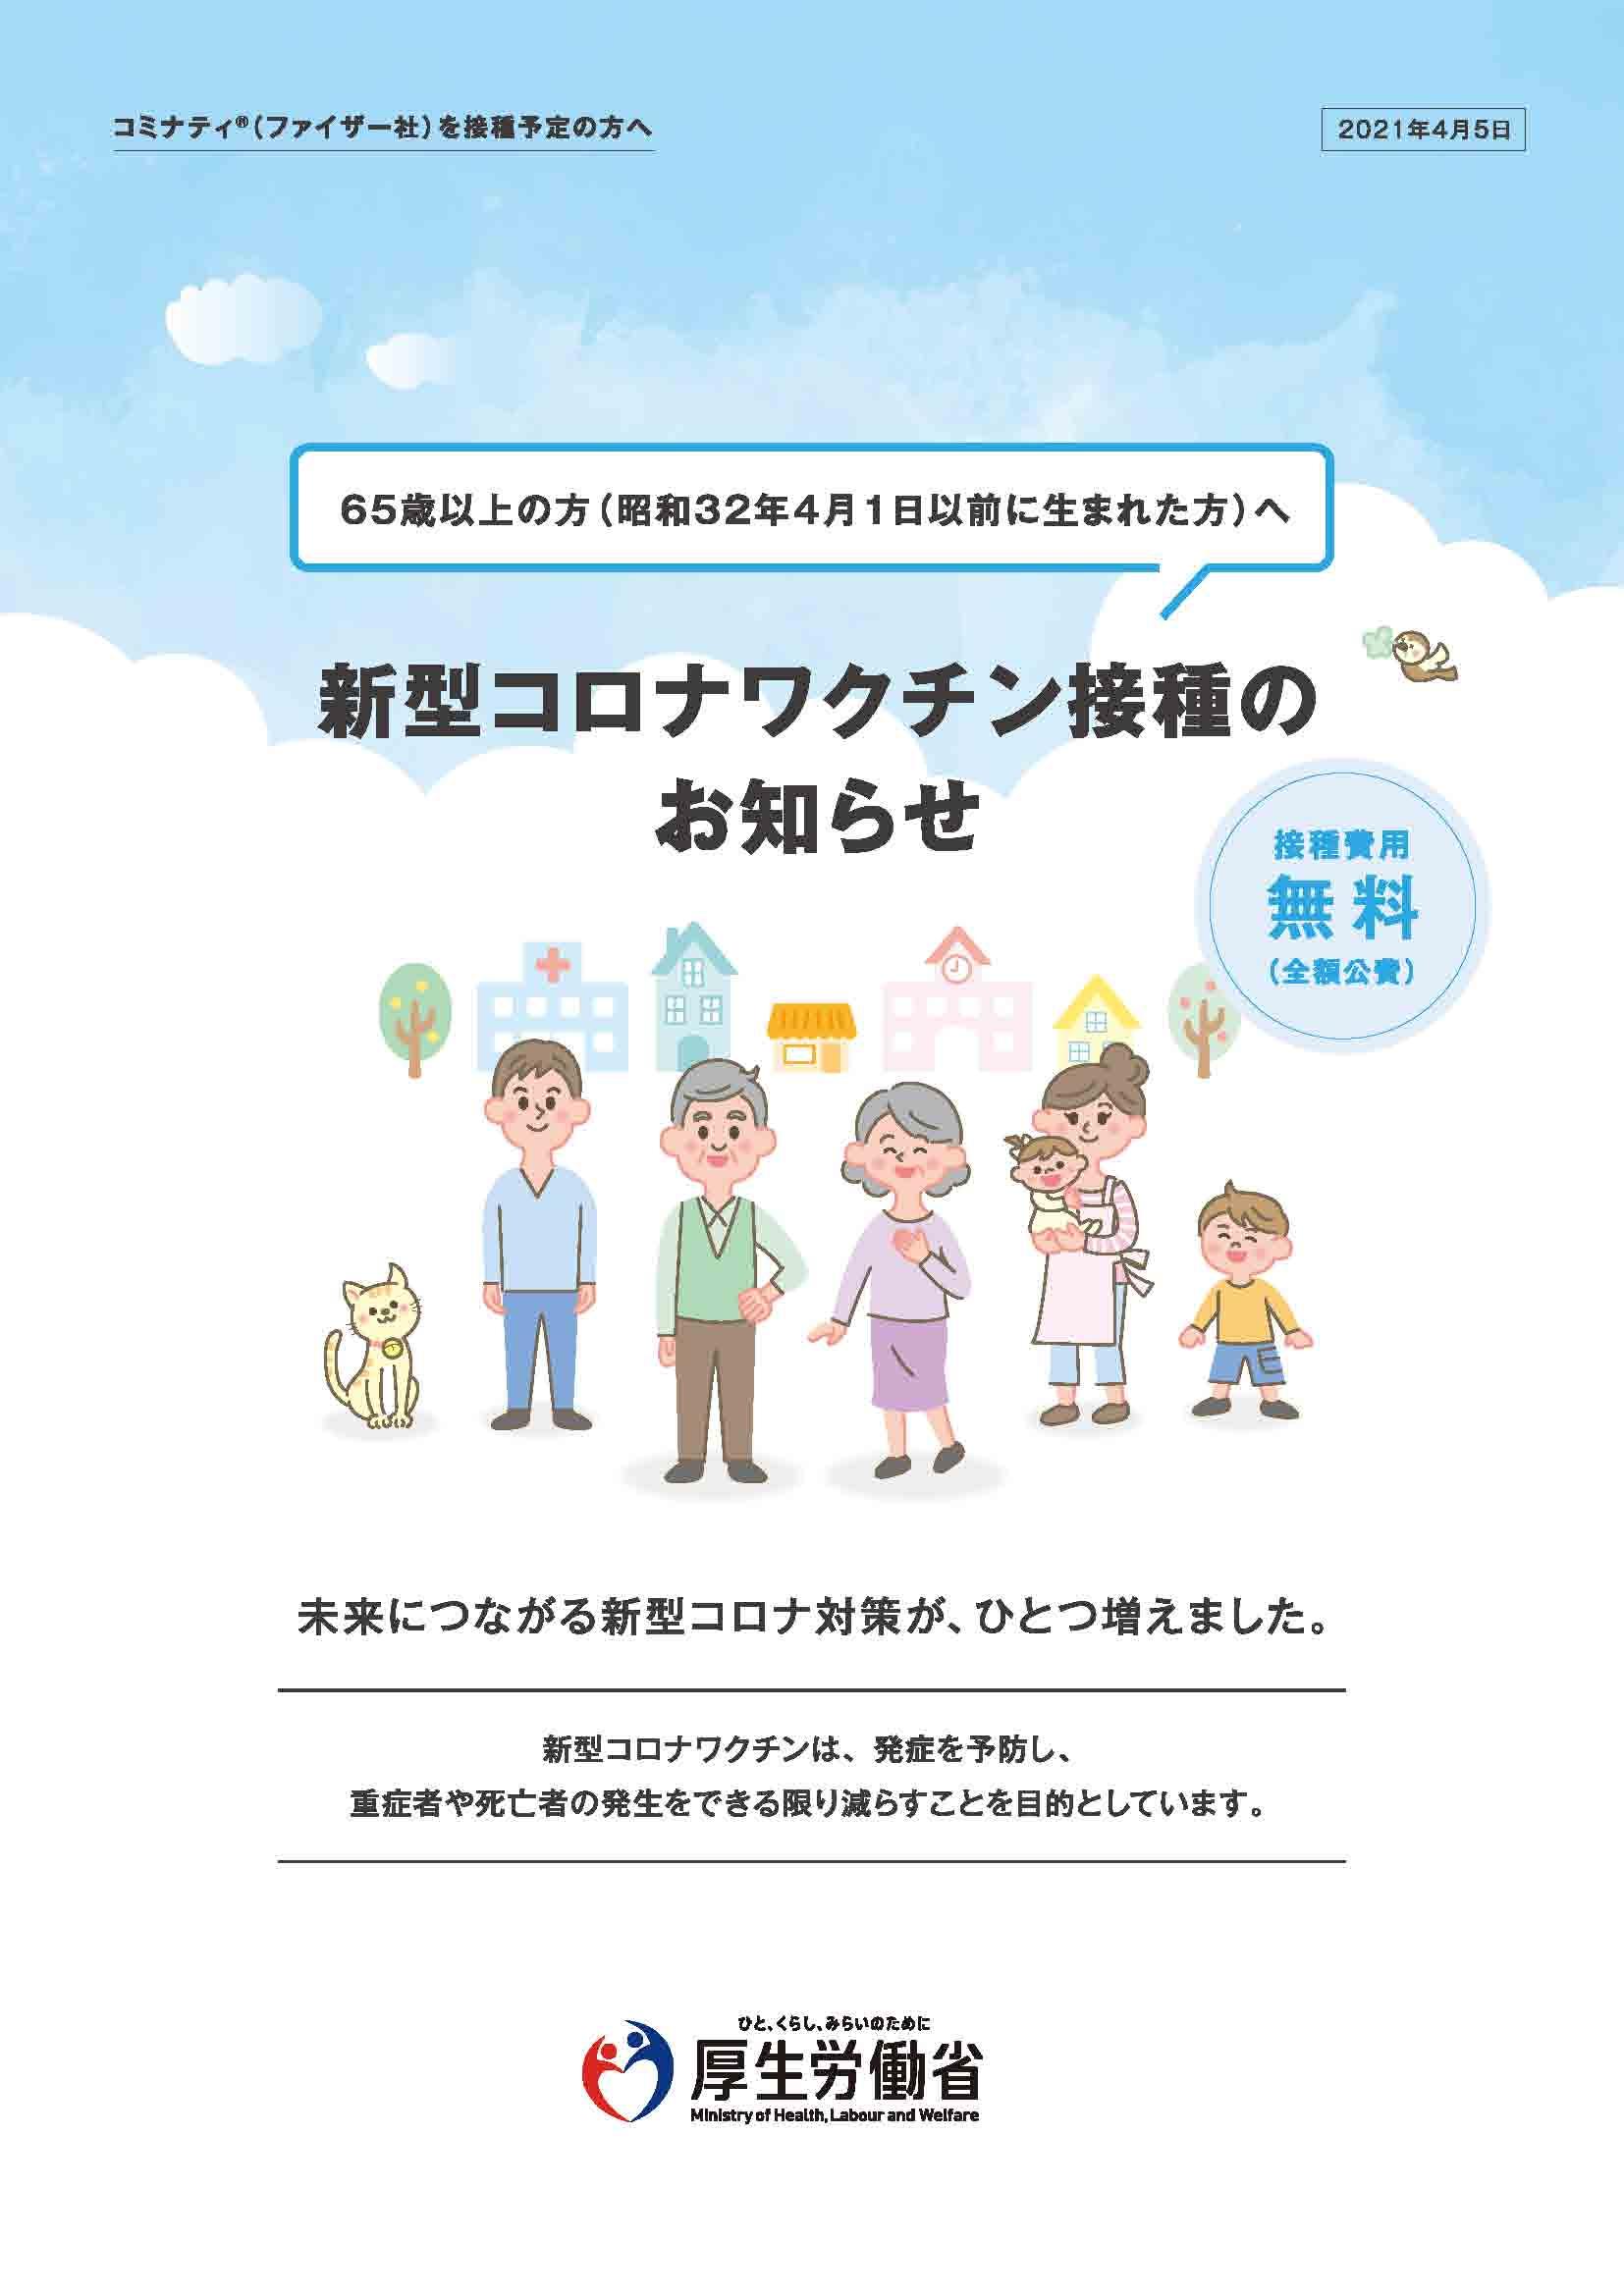 接種のお知らせ(高齢者接種)_ページ_1